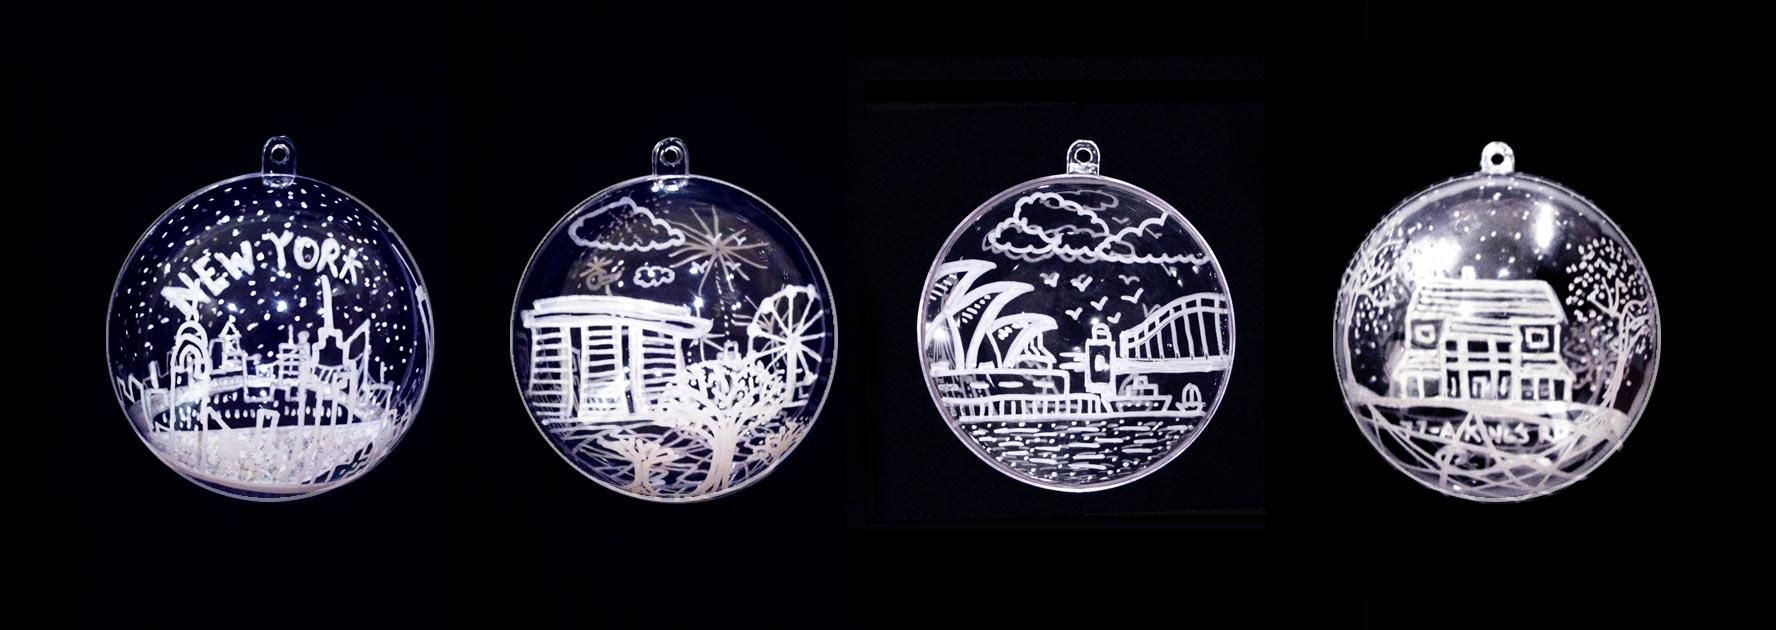 Christmas2014_6_web.jpg